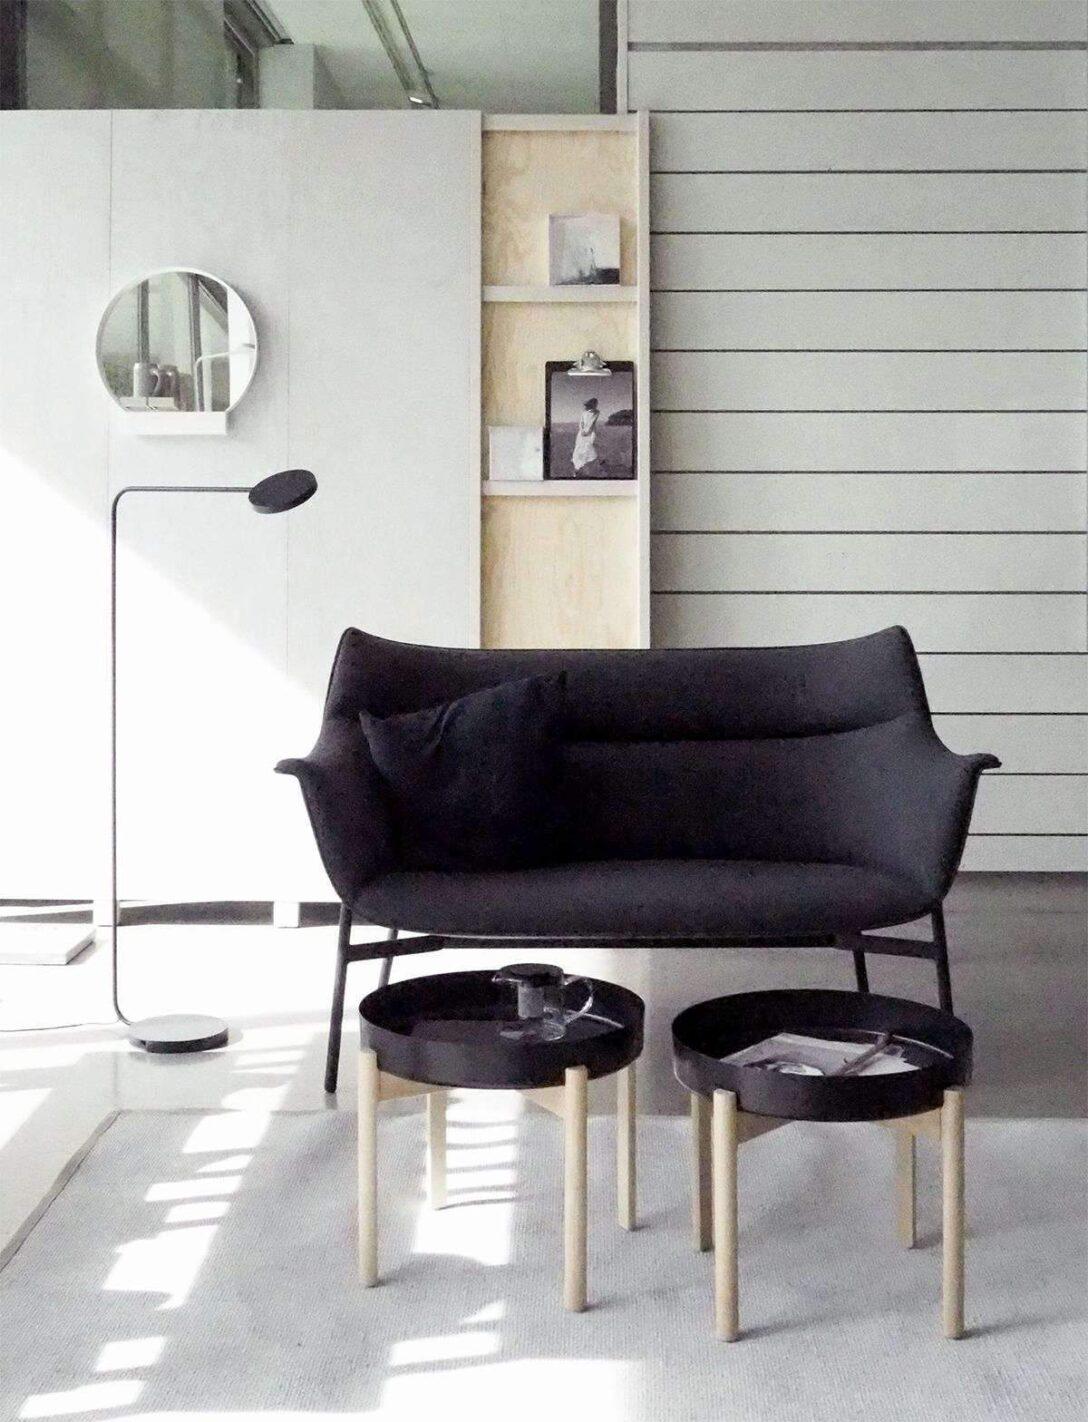 Large Size of Ikea Relaxsessel Elektrisch Muren Sessel Kinder Leder Mit Hocker Strandmon Grau Gebraucht Garten Einrichtungsideen Wohnzimmer Genial Kleines Küche Kaufen Aldi Wohnzimmer Ikea Relaxsessel